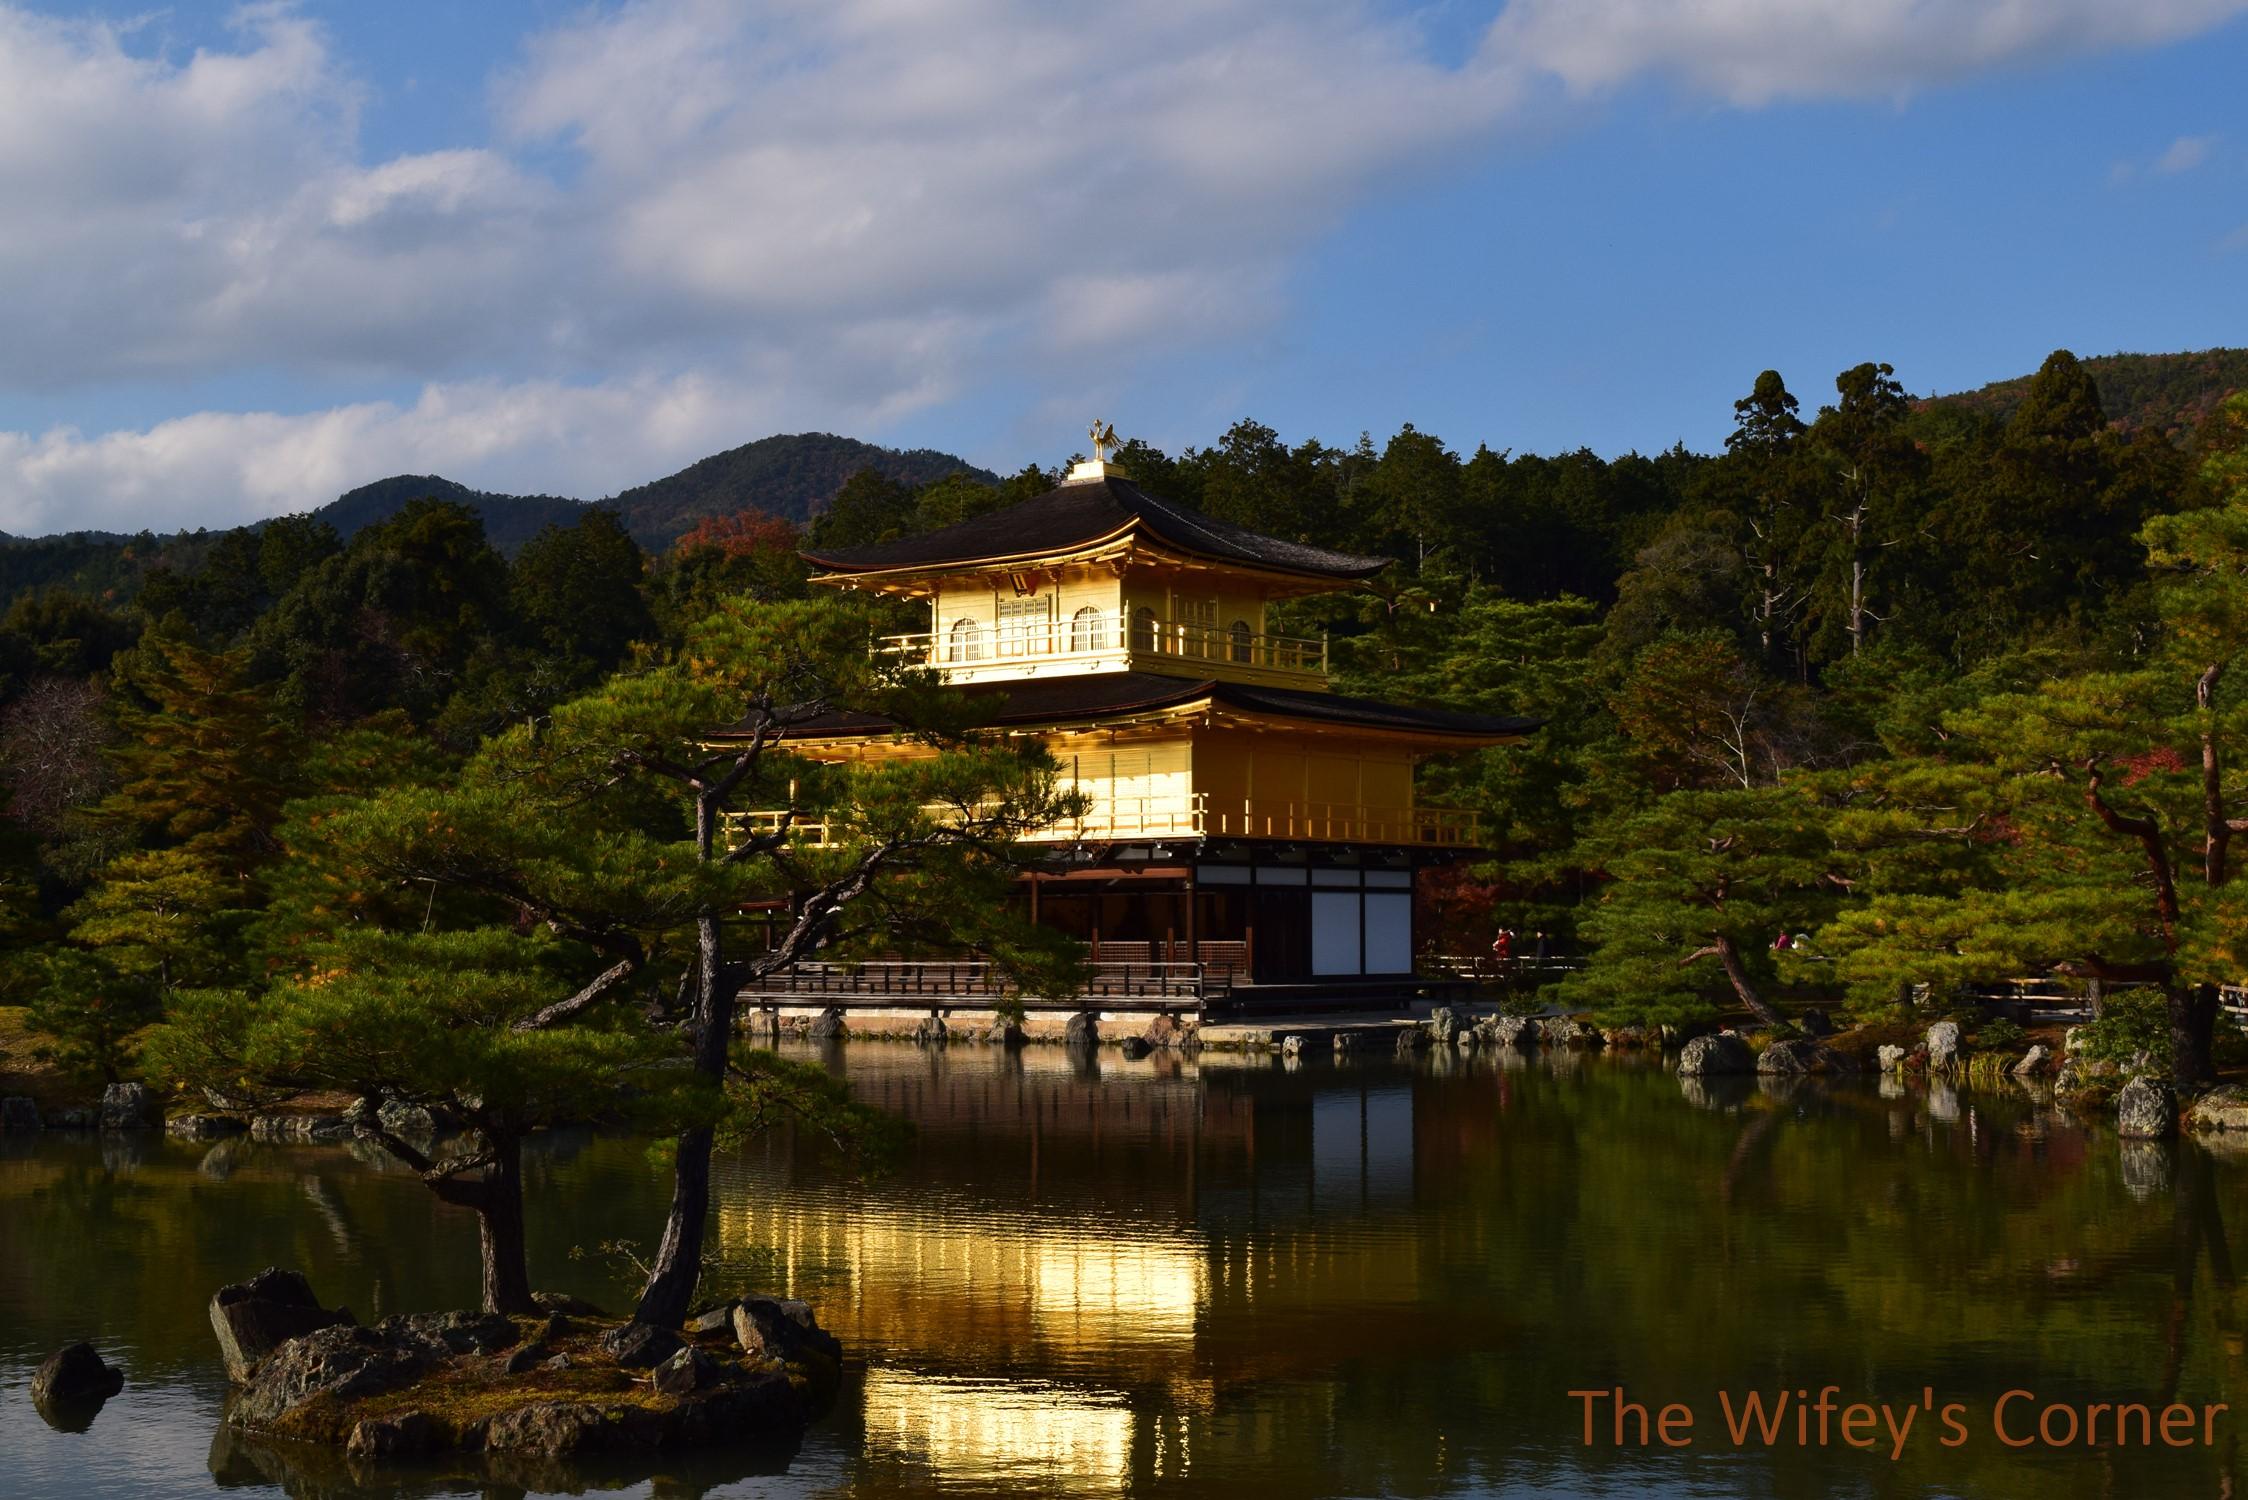 2017 Japan Trip - Day 3